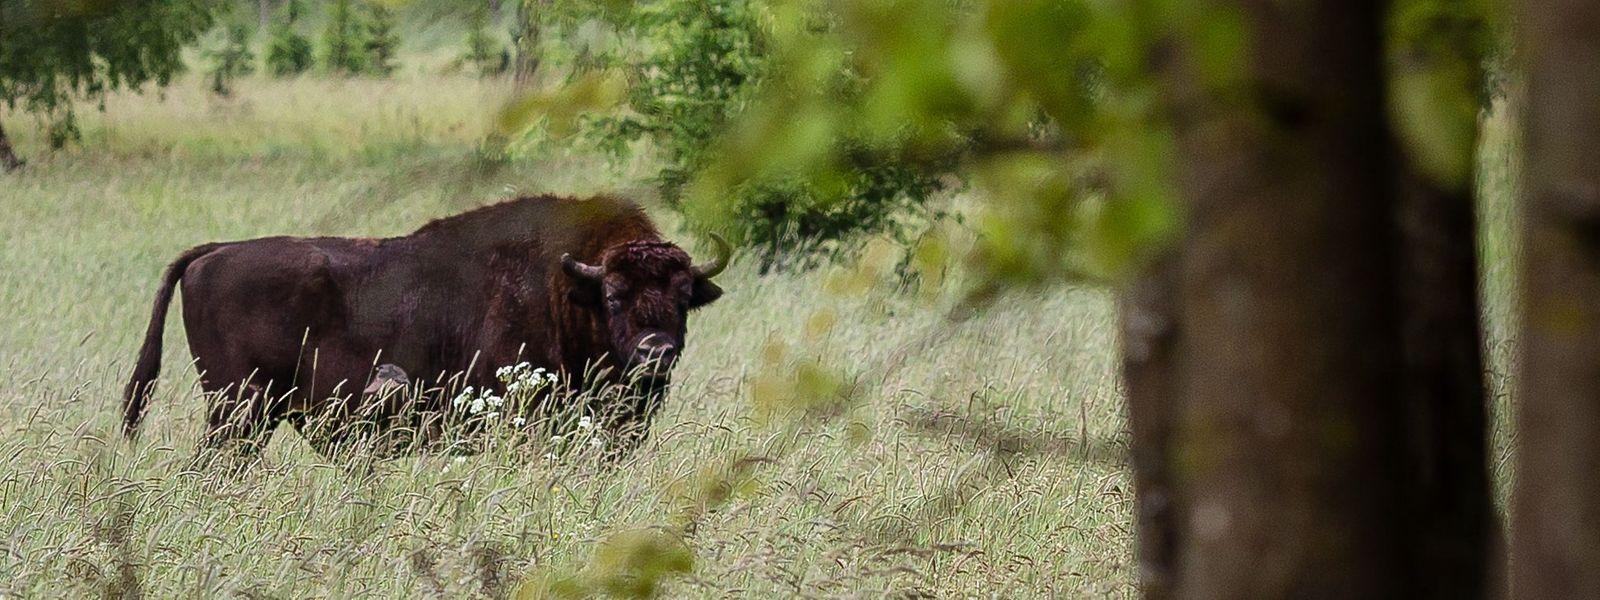 Der Wisent, oder europäischer Bison, kam noch bis ins frühe Mittelalter in West-, Zentral- und Südosteuropa vor. Dessen Ausrottung aber gipfelte im Jahre 1927, als der letzte freilebende Wisent im Kaukasus erschossen wurde. Alle heute lebenden Wisente stammen von nur zwölf in Zoos und Tiergehegen gepflegten Wisenten ab.